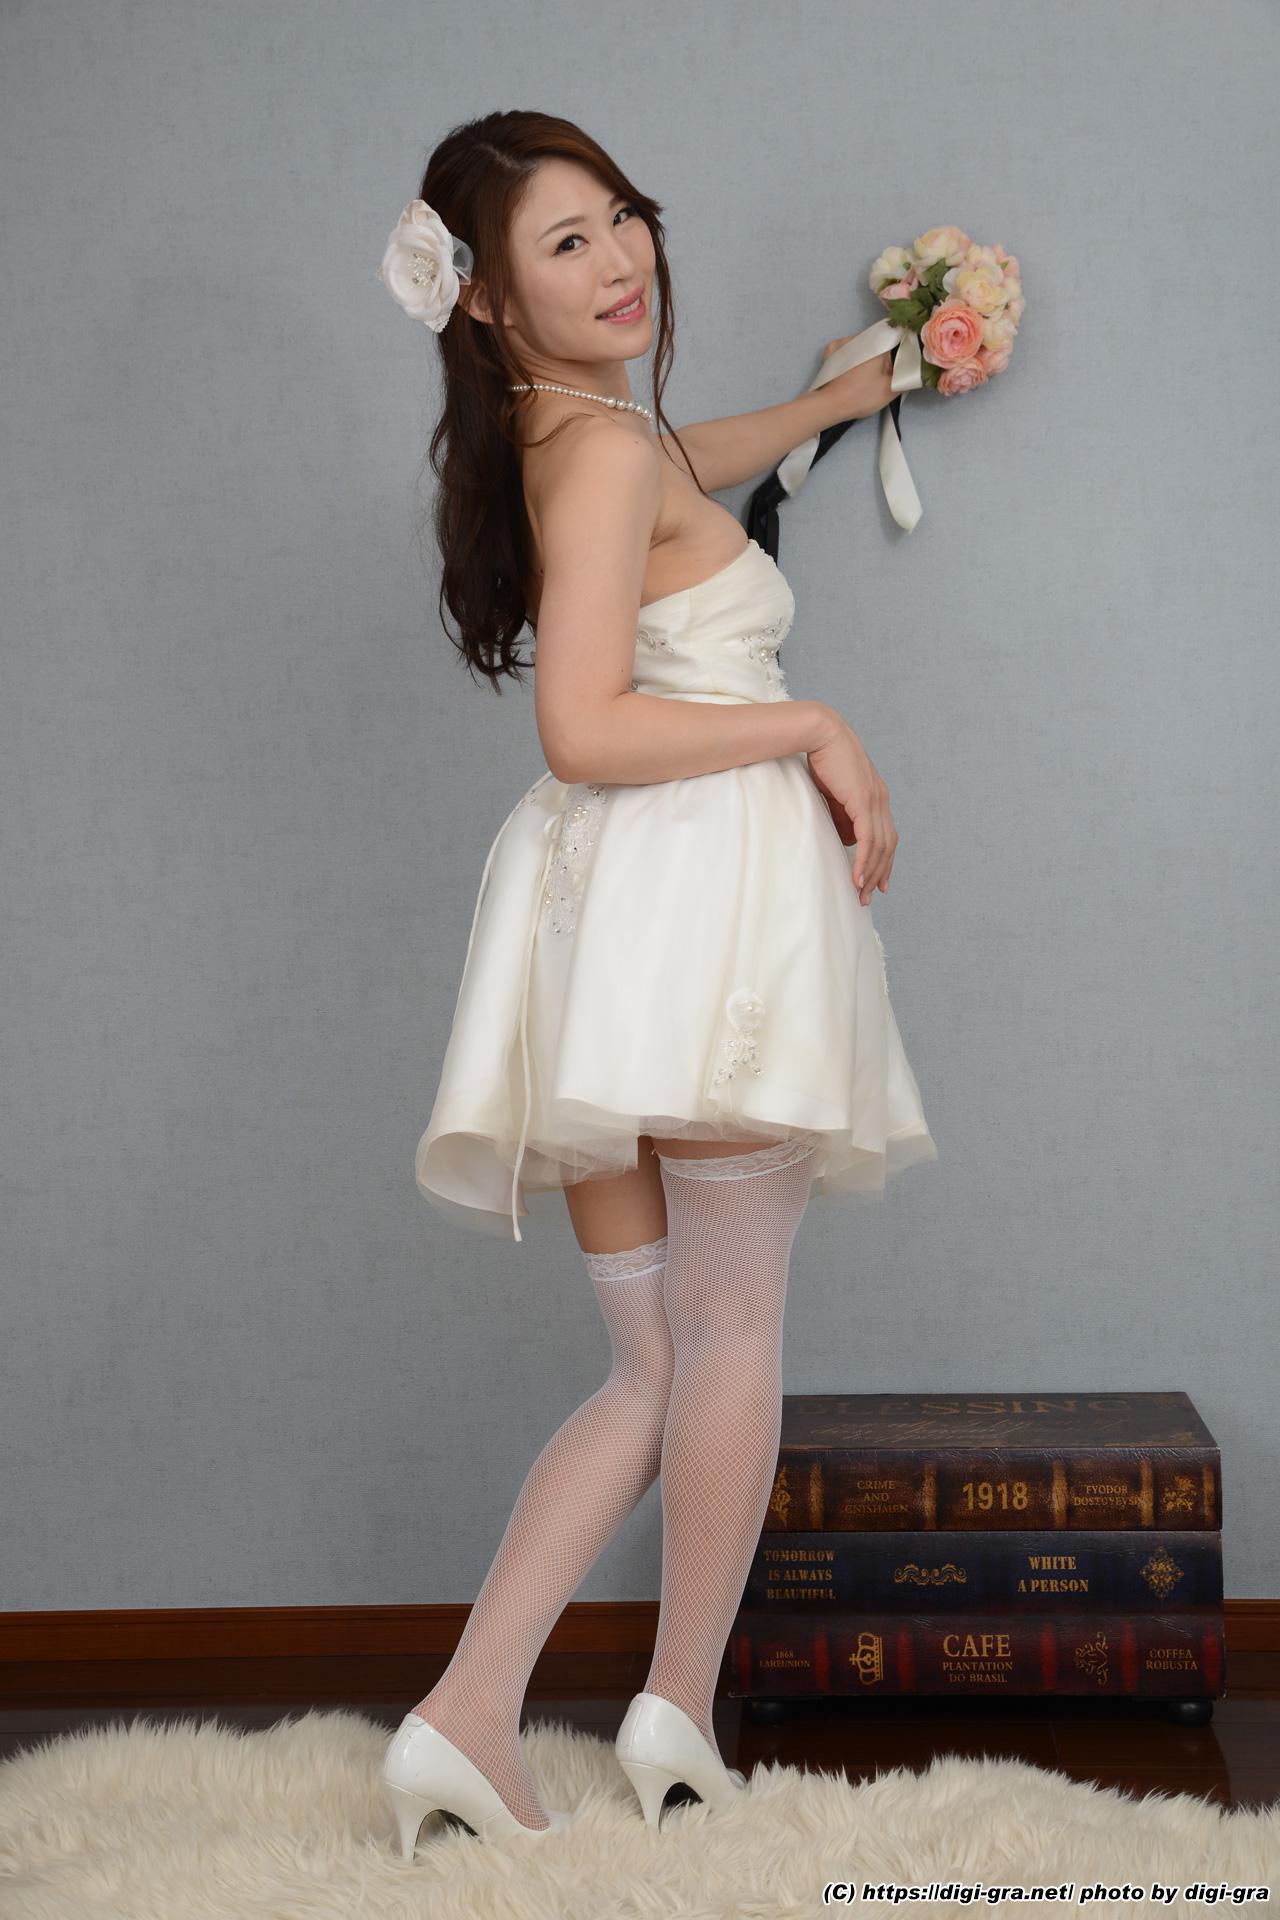 RE:ウェディングドレスを脱いだら女王様